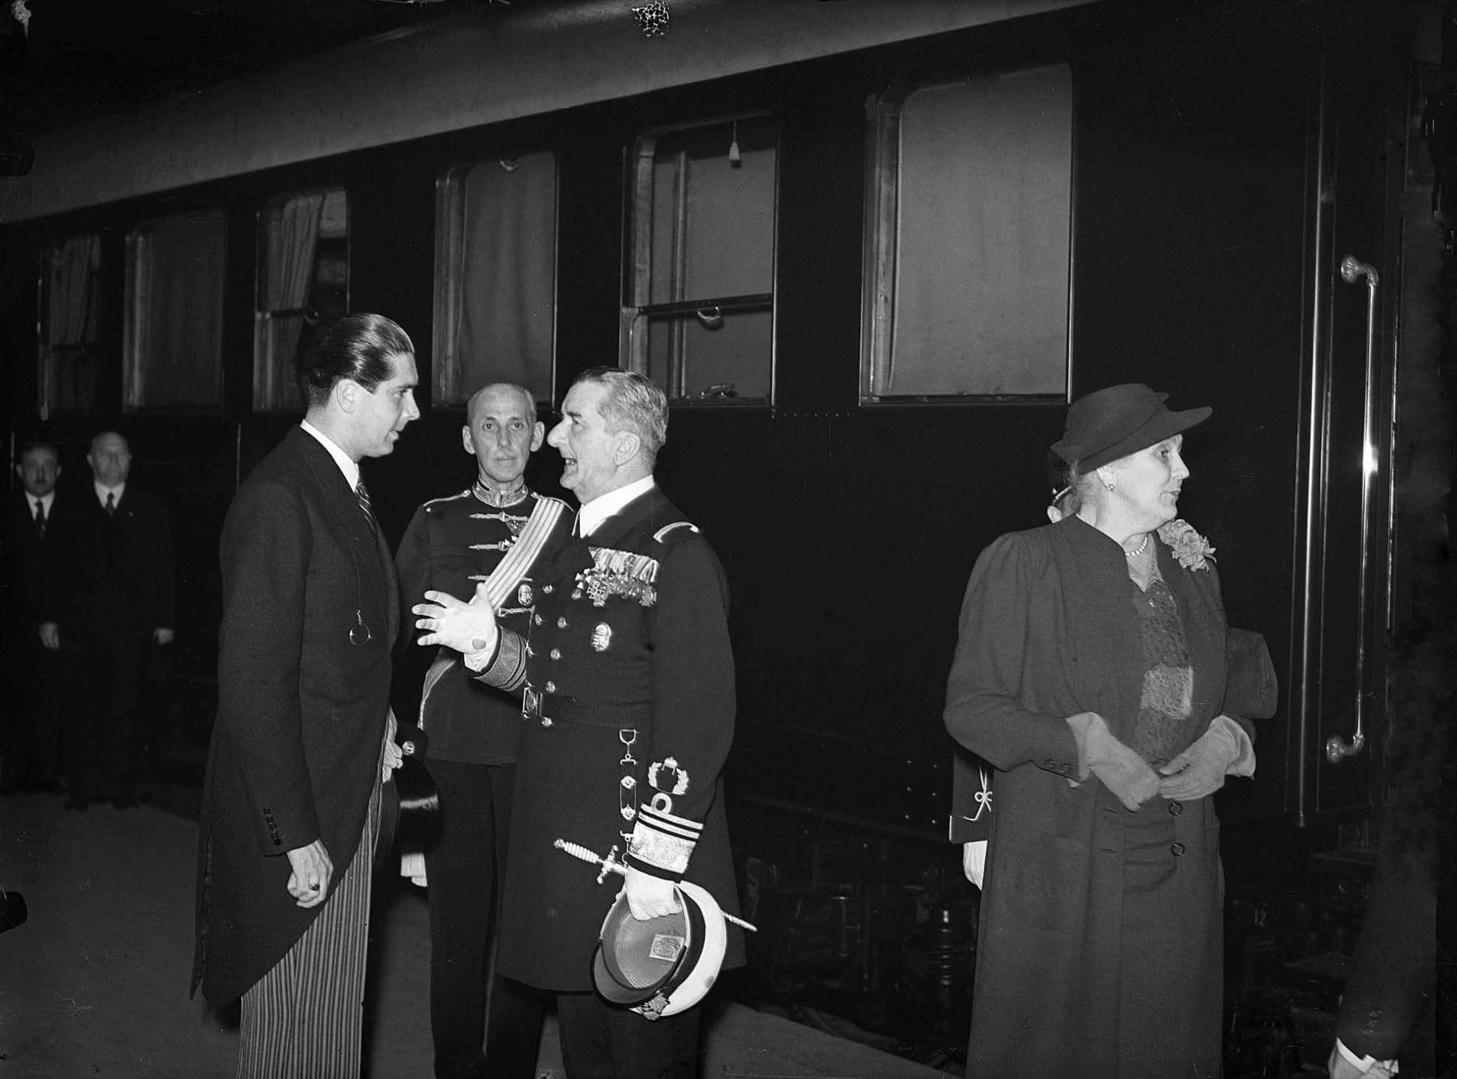 Budapest, 1938. augusztus 20. Horthy Miklós kormányzó Németországba utazik a Keleti pályaudvarról, ahol Miklós fiával beszélget a peronon. Mögöttük a Katonai Iroda vezetője, Keresztes-Fischer Lajos tábornok. A vagon ajtajánál áll a kormányzó felesége. MTI Fotó: Bojár Sándor